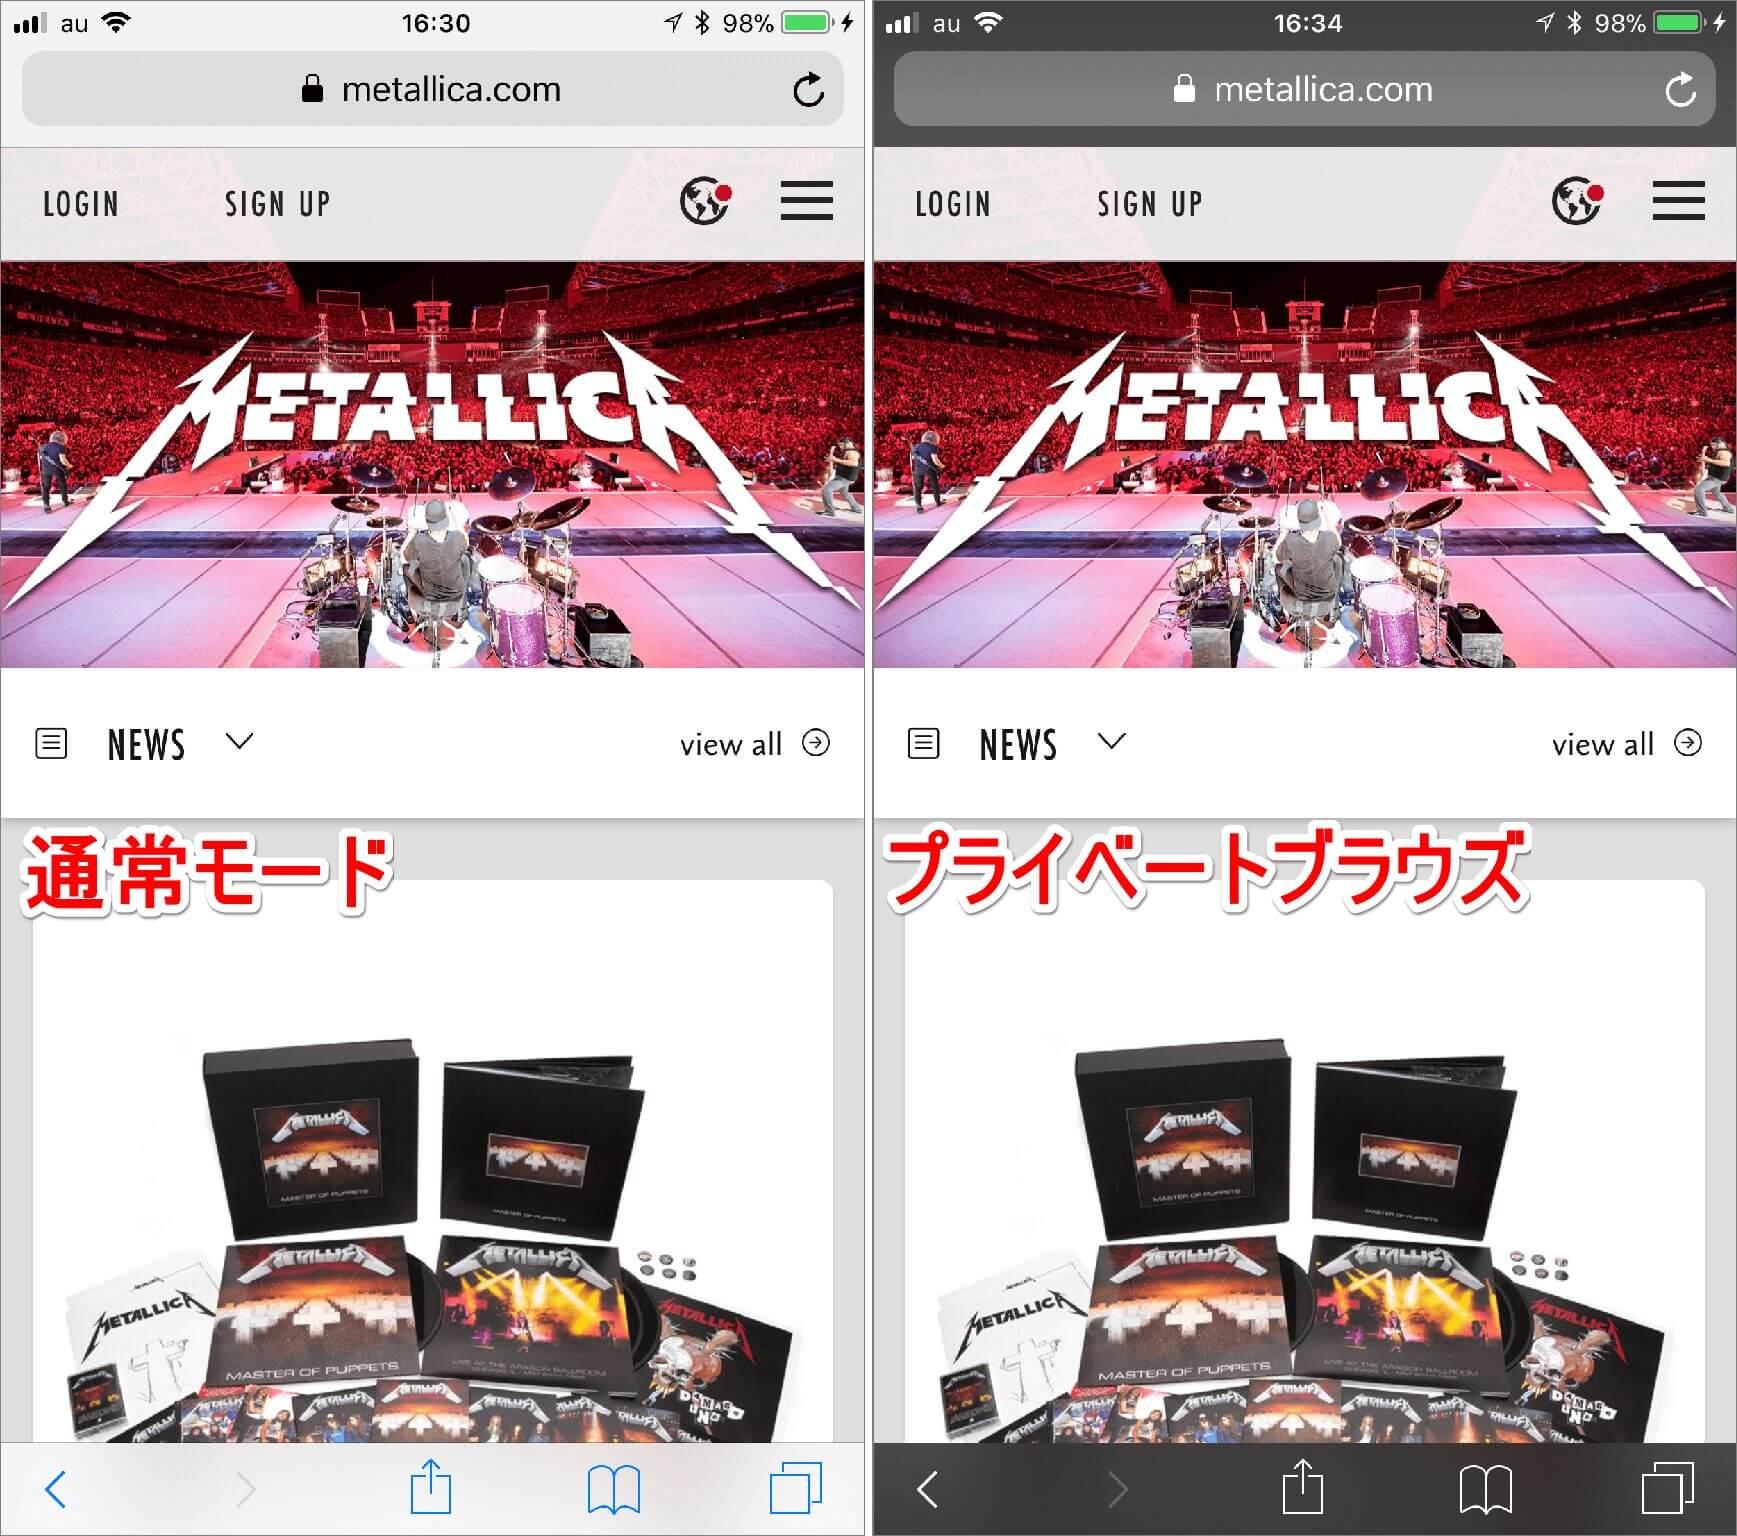 iPhone(アイフォン、アイフォーン)のSafariで通常モードとプライベートモードの画面を並べて比較している画面